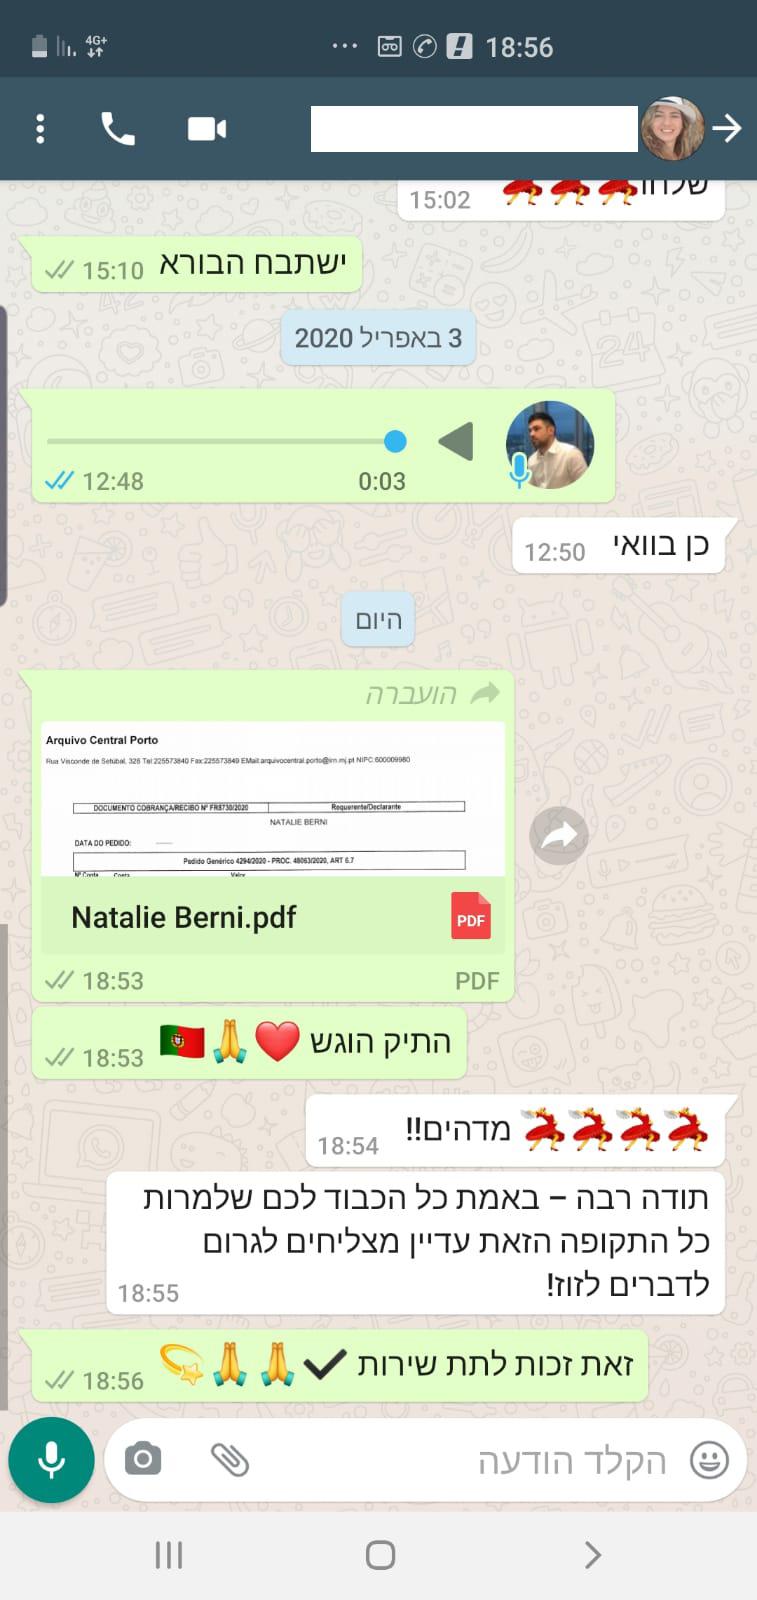 WhatsApp Image 2020-08-23 at 14.14.21